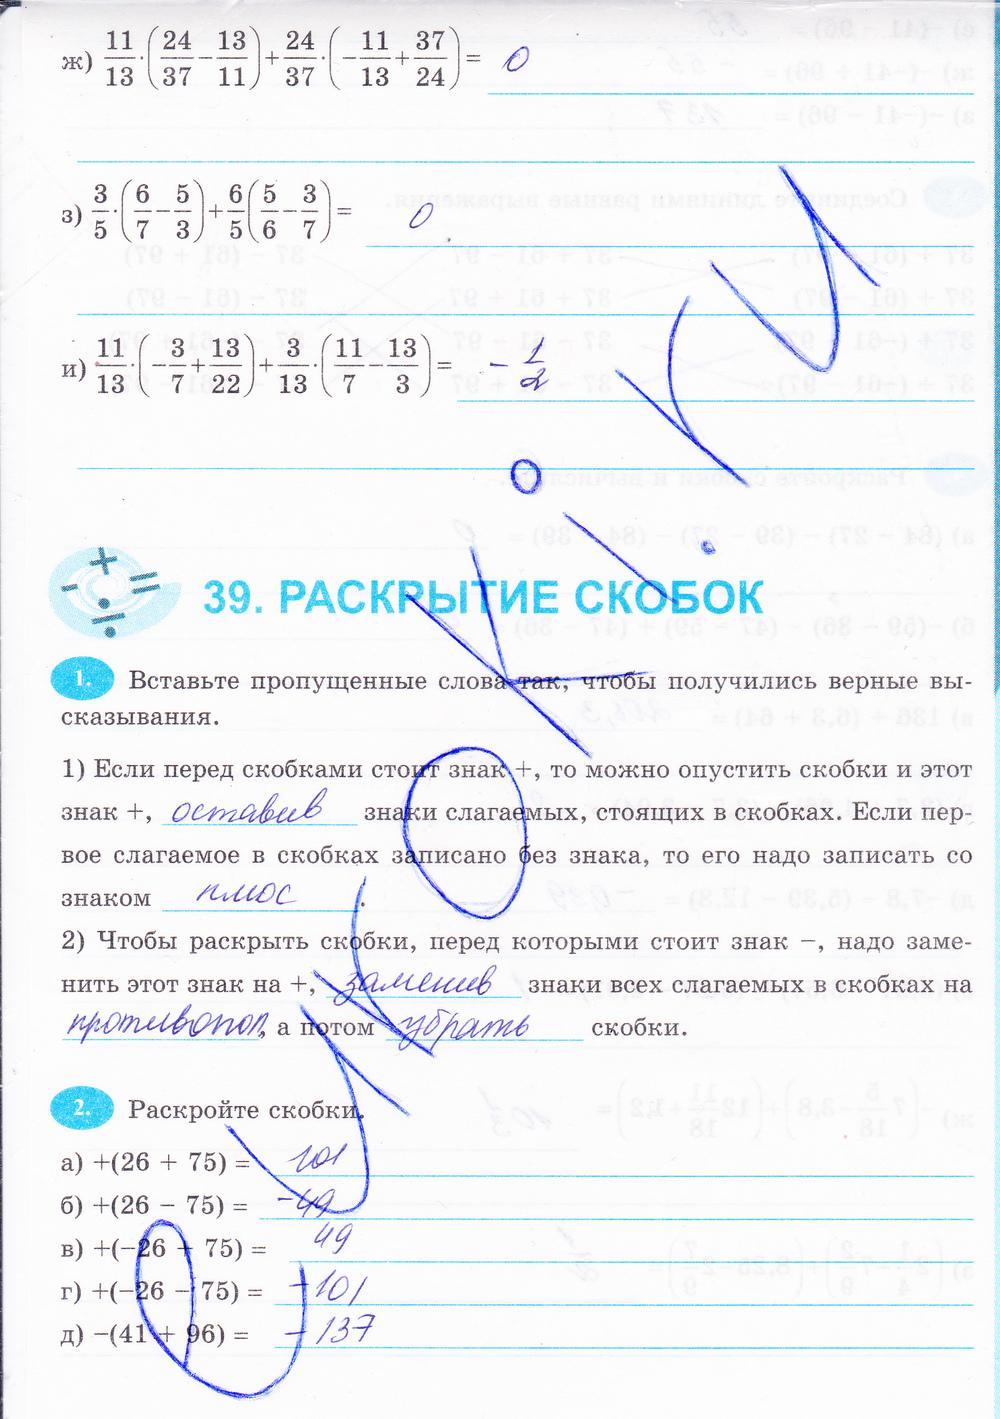 Решебник по математике 3 класс виленкин рабочая тетрадь